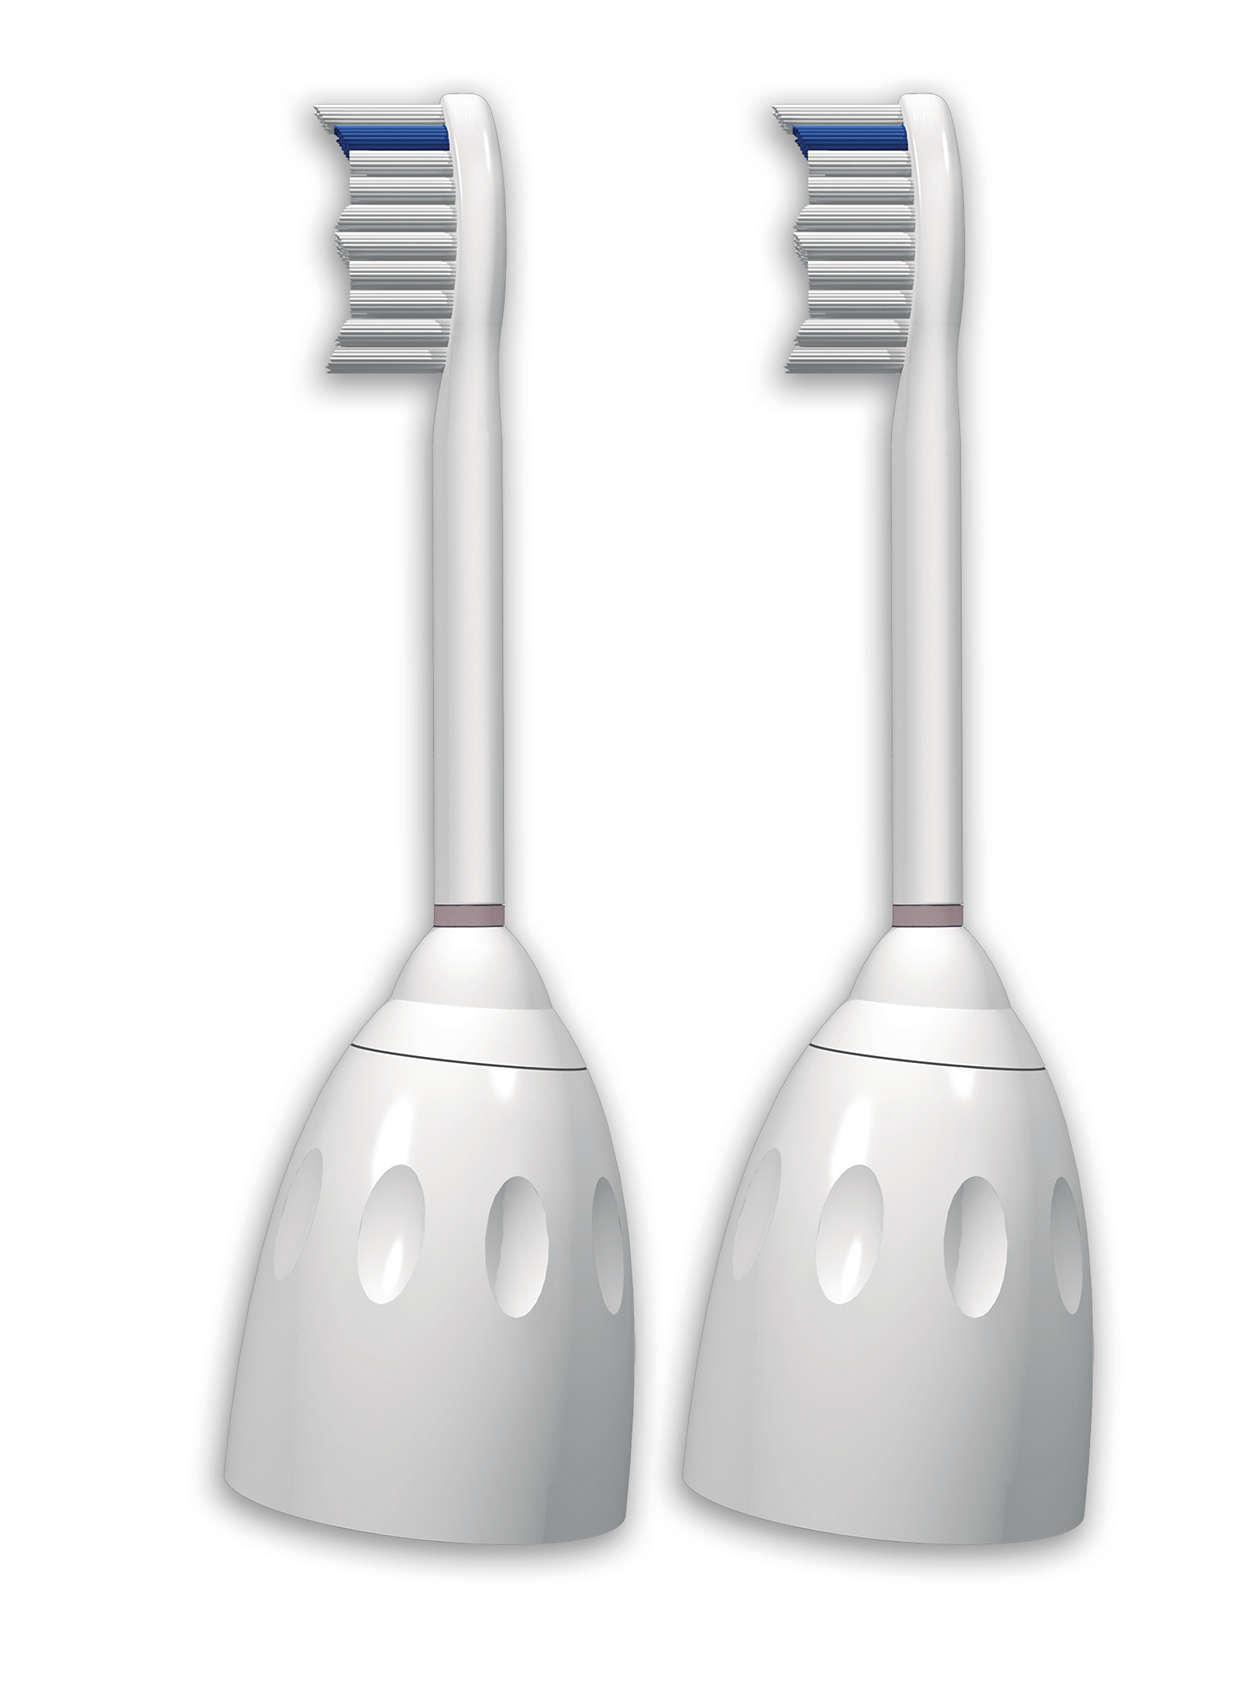 최고의 성능, 최상의 청결함